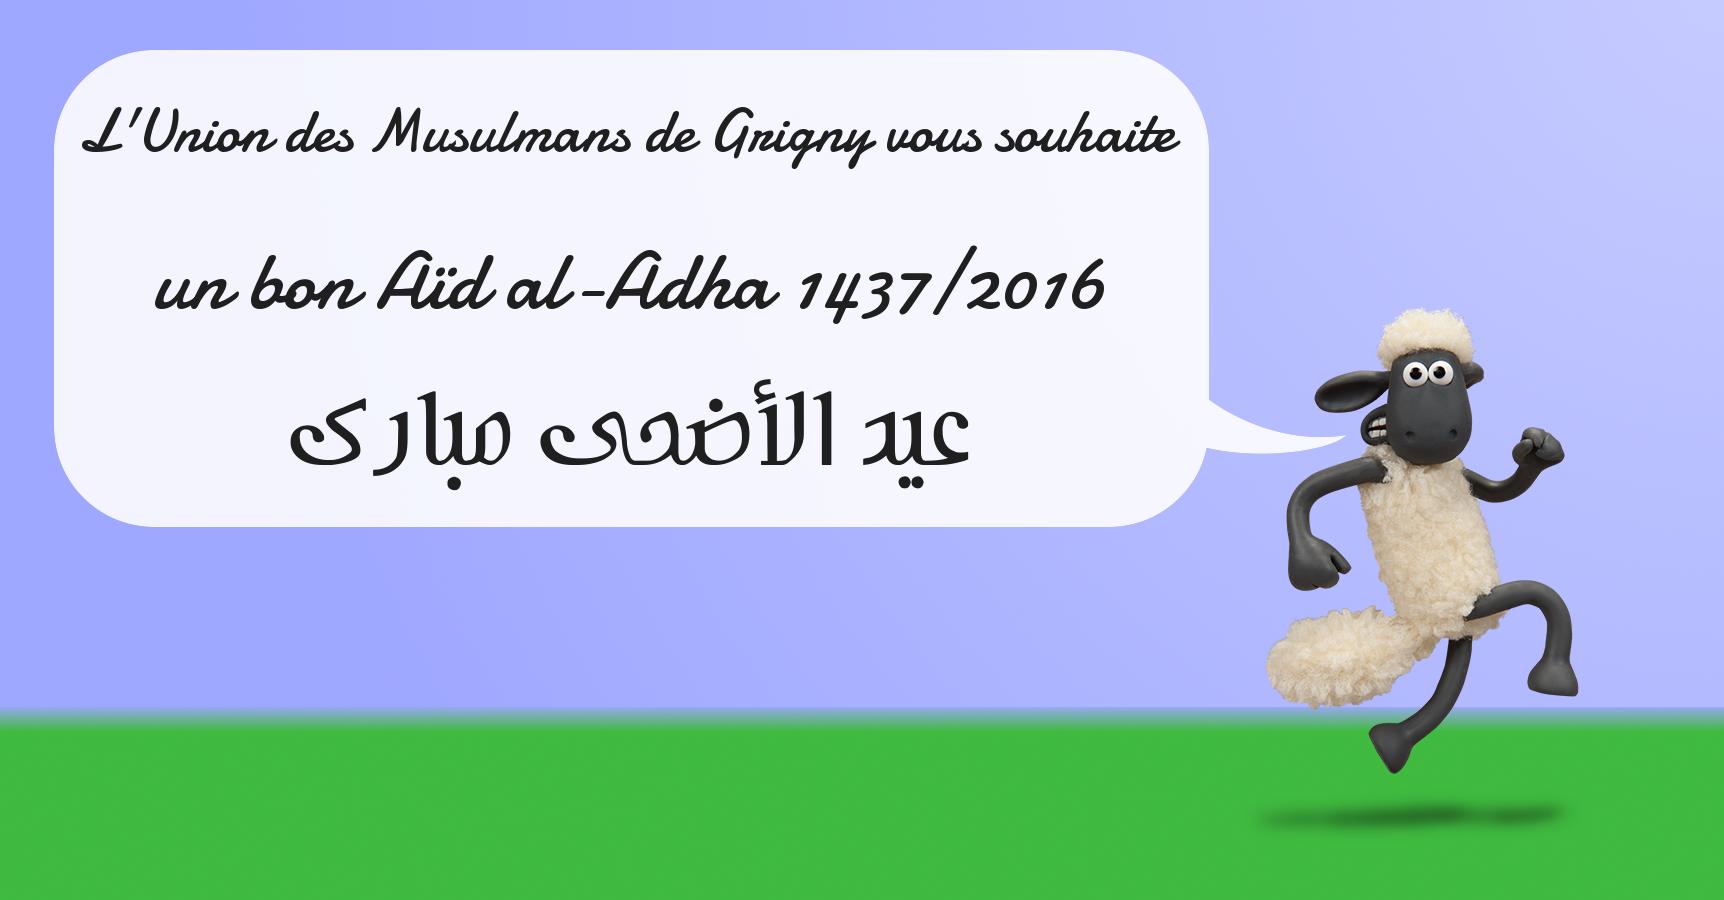 Bon Aïd al-Adha 1437/2016